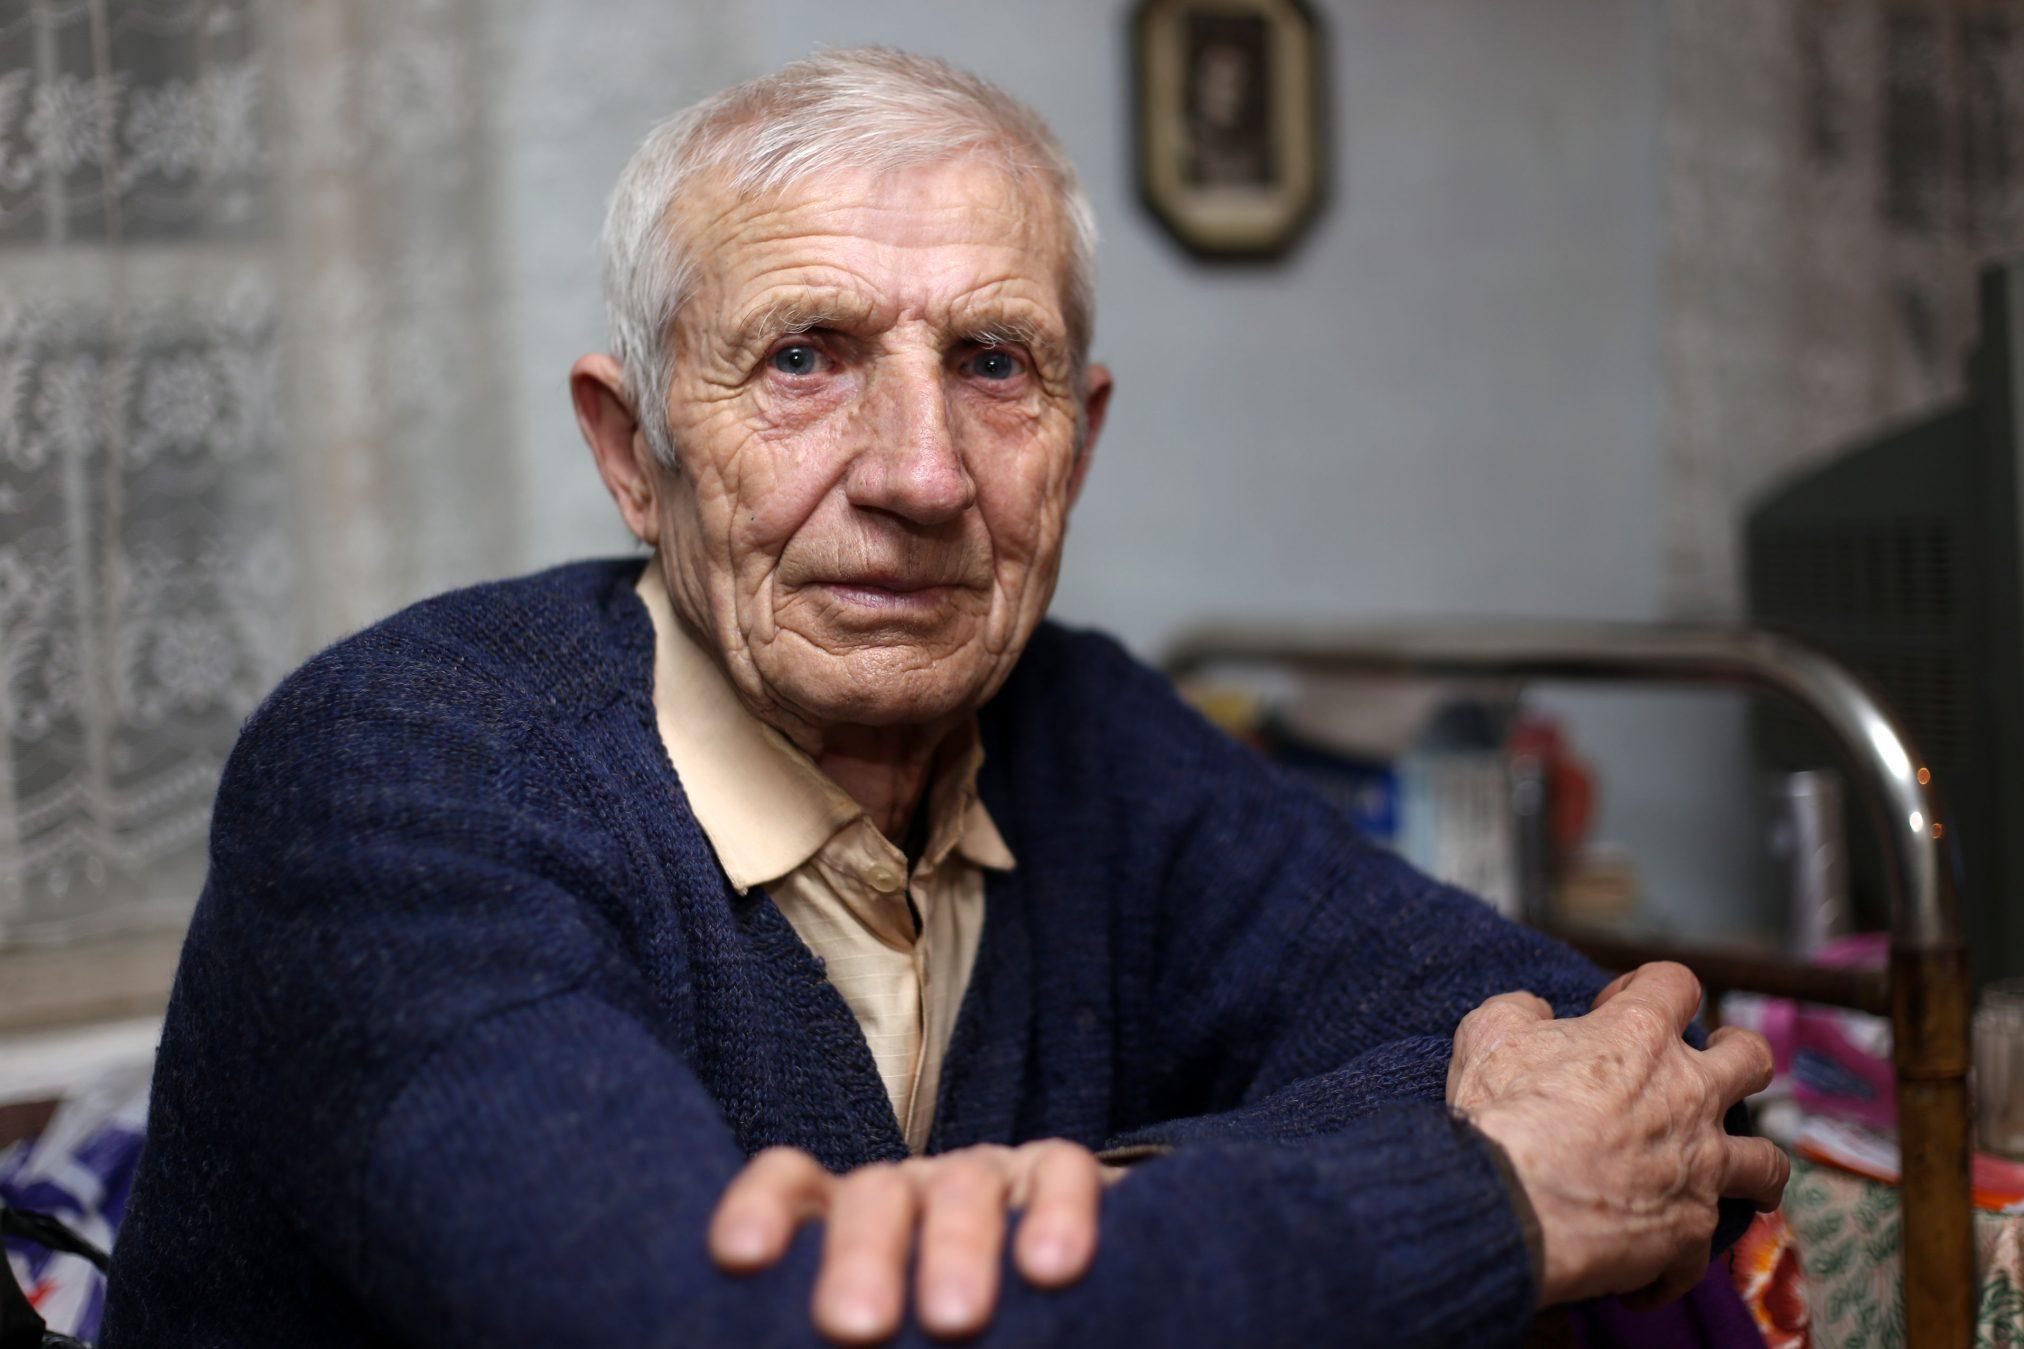 elderly older man senior aged care